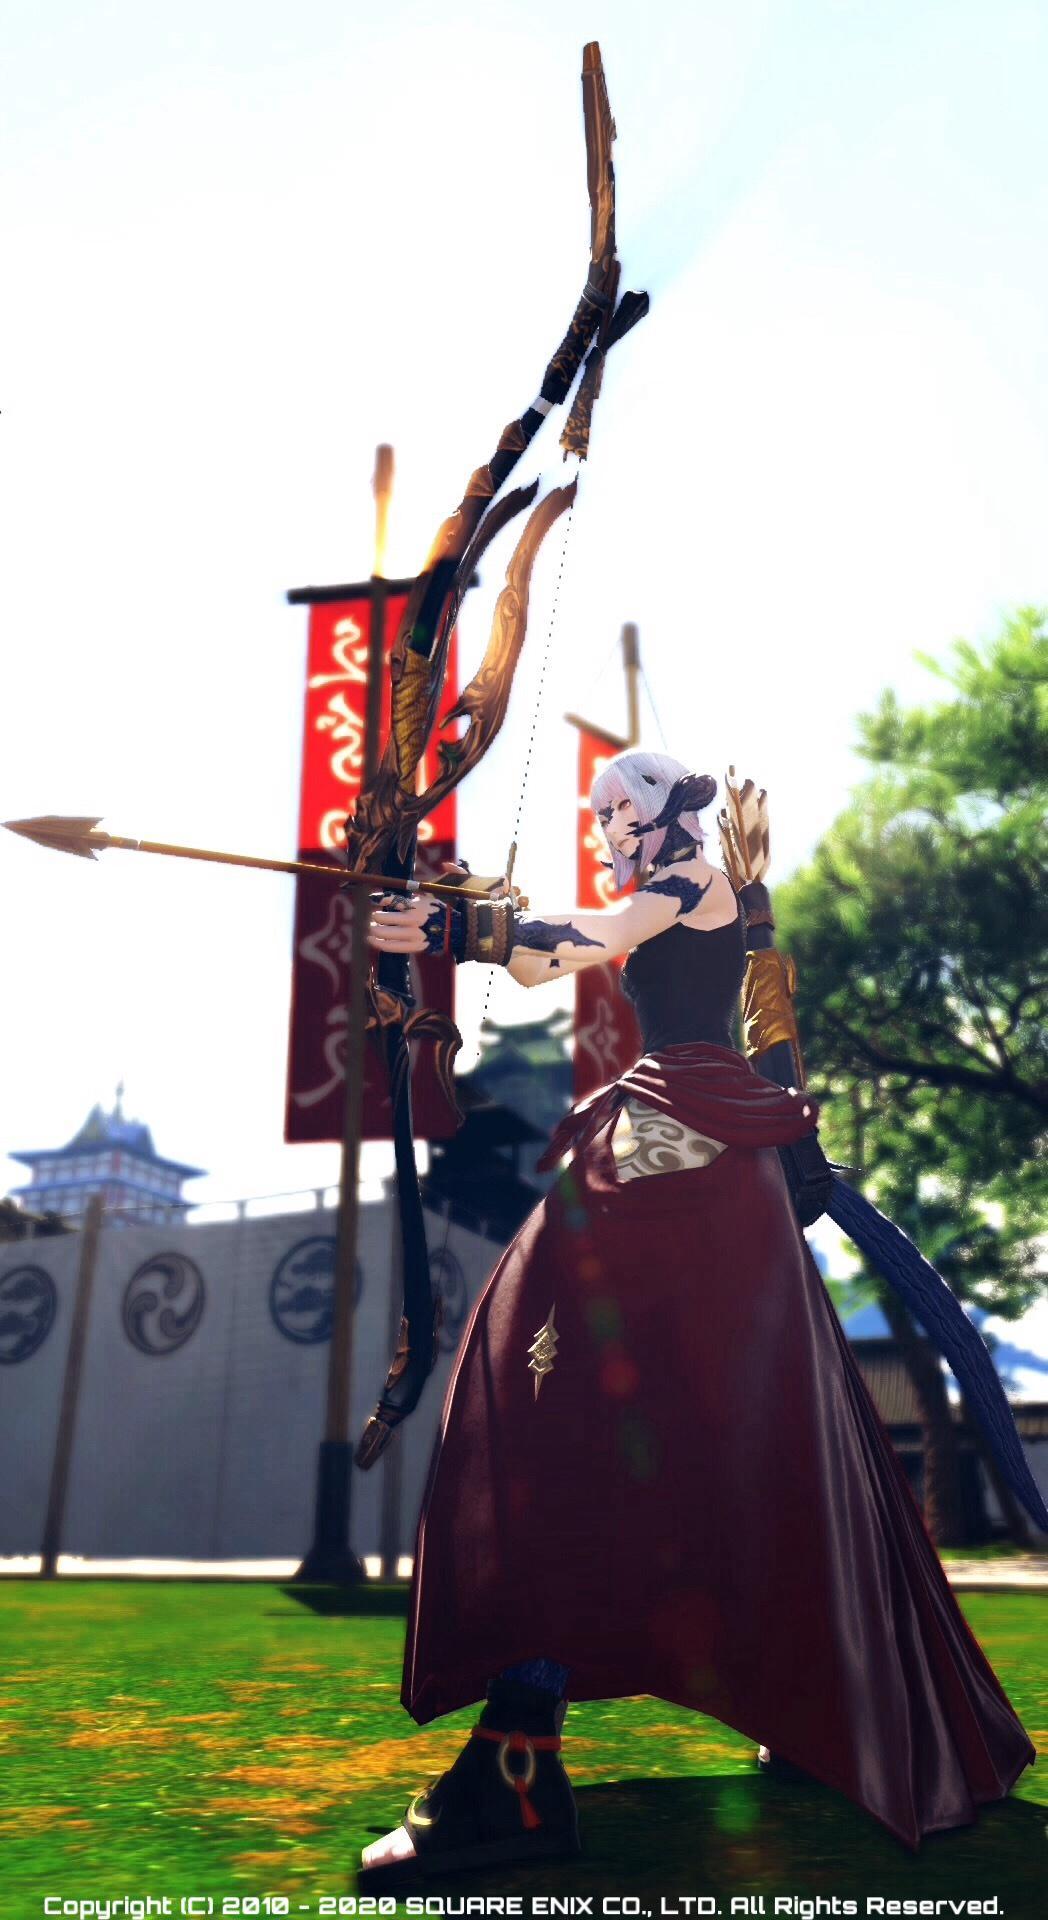 赤誠組の弓術士